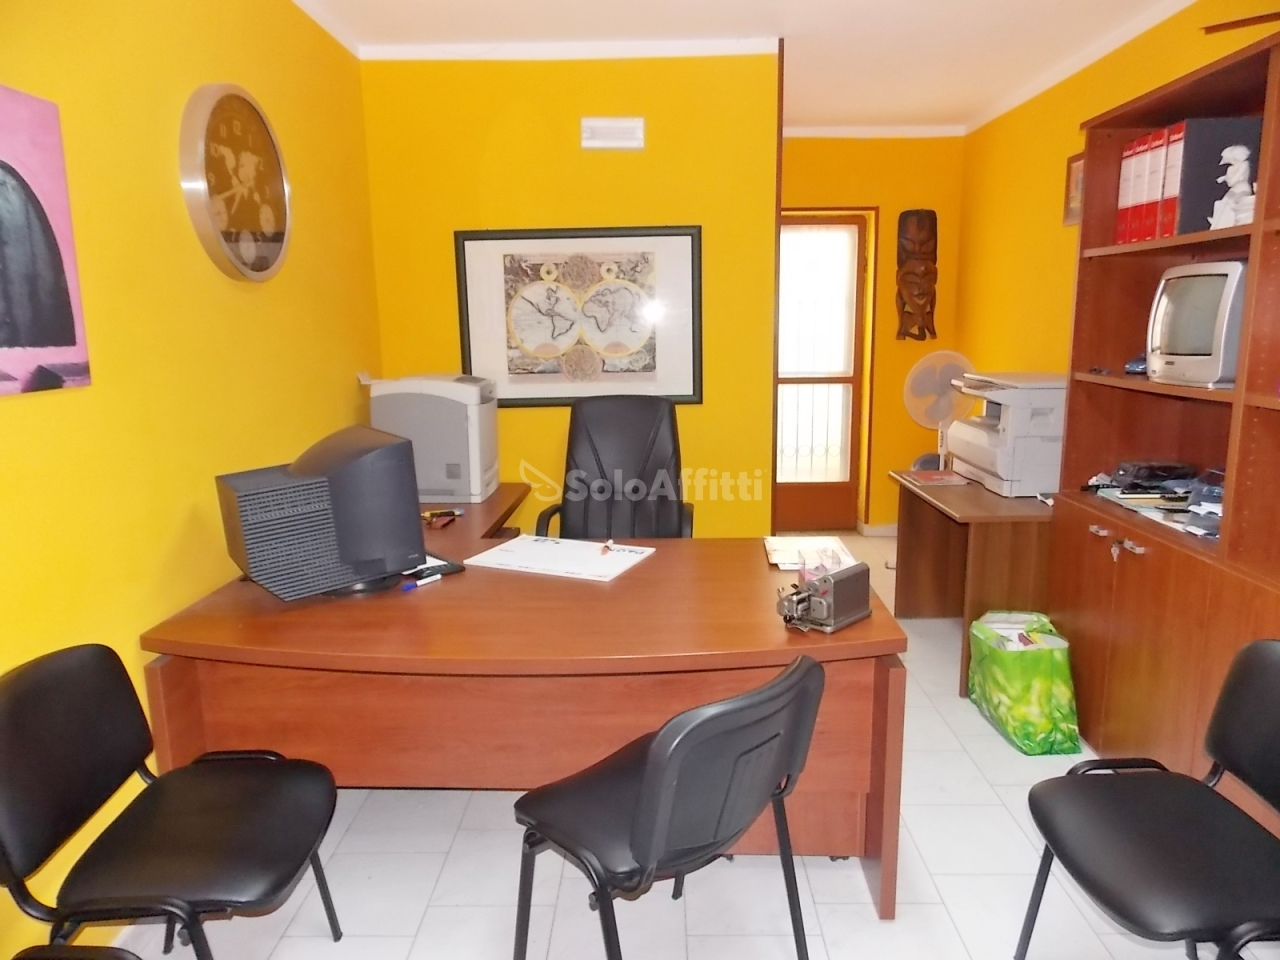 Ufficio - 1 locale a Mater Domini, Catanzaro Rif. 9044536